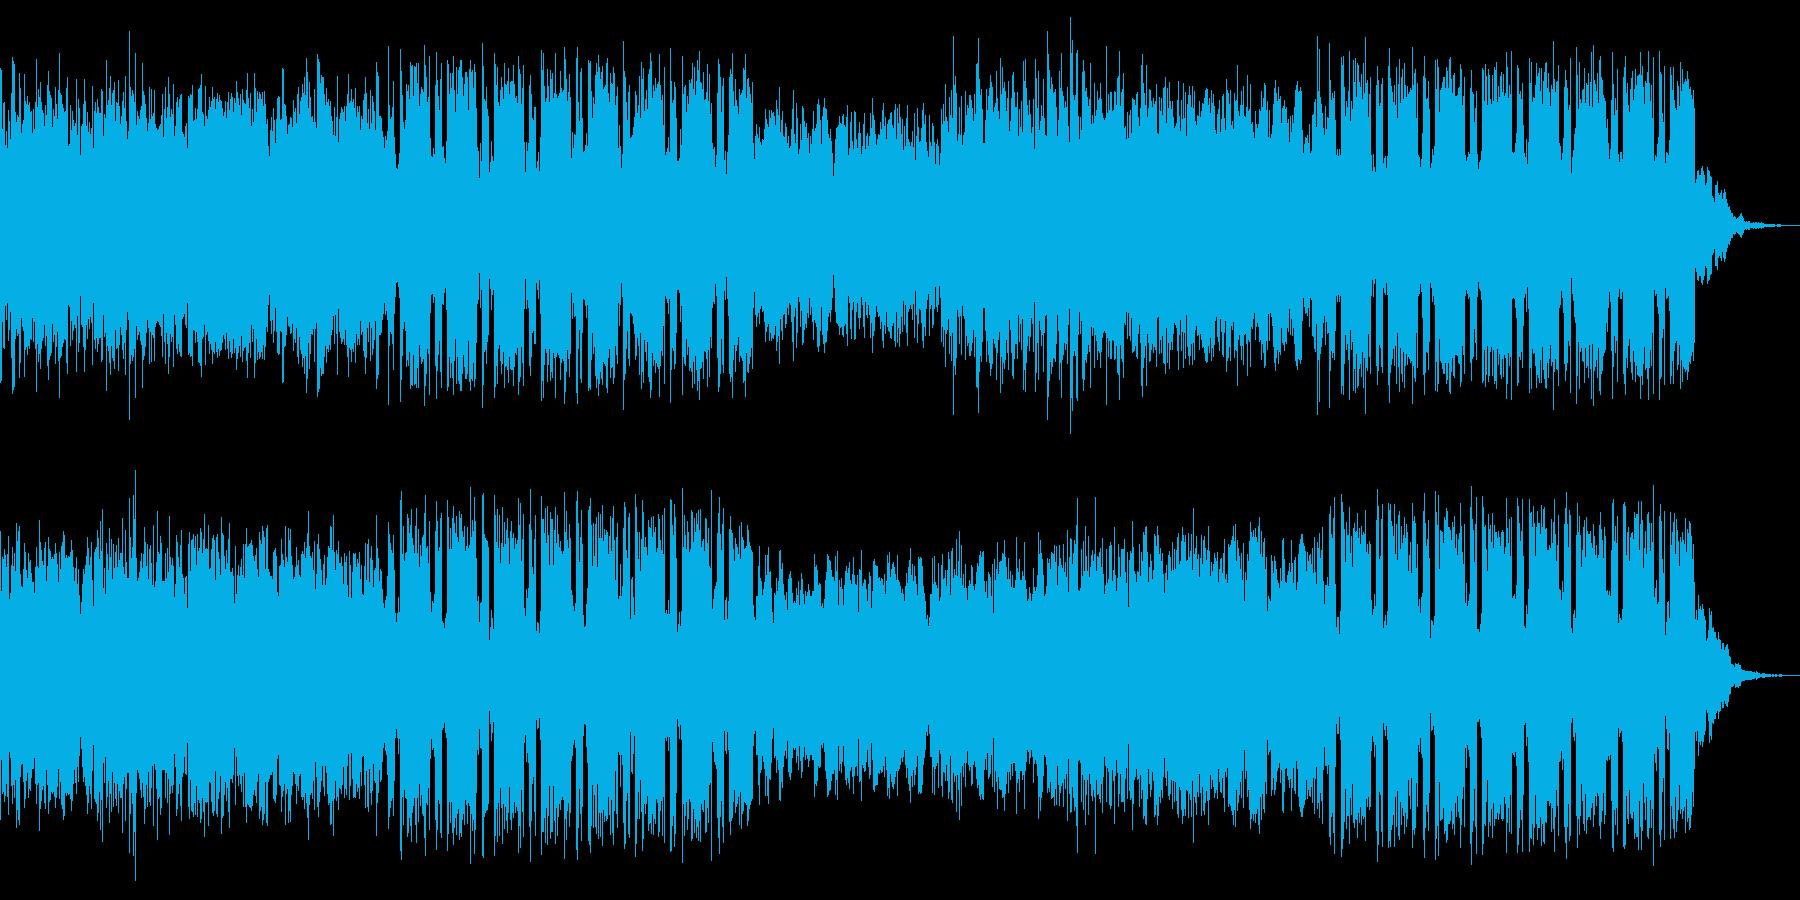 破壊都市をイメージさせるシンセ音楽の再生済みの波形